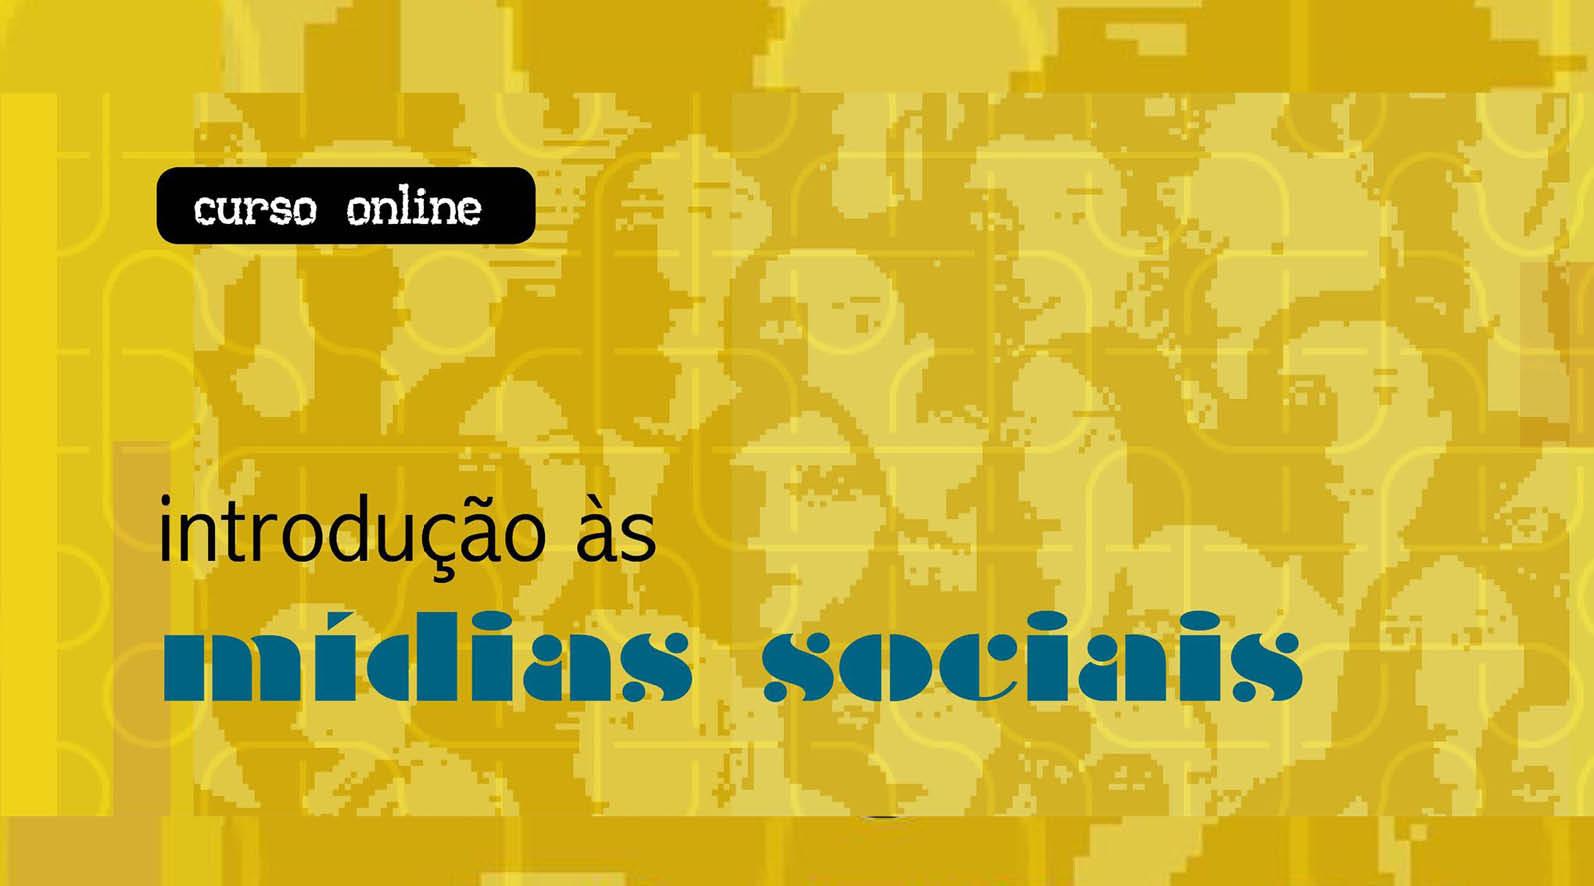 Curso midias sociais